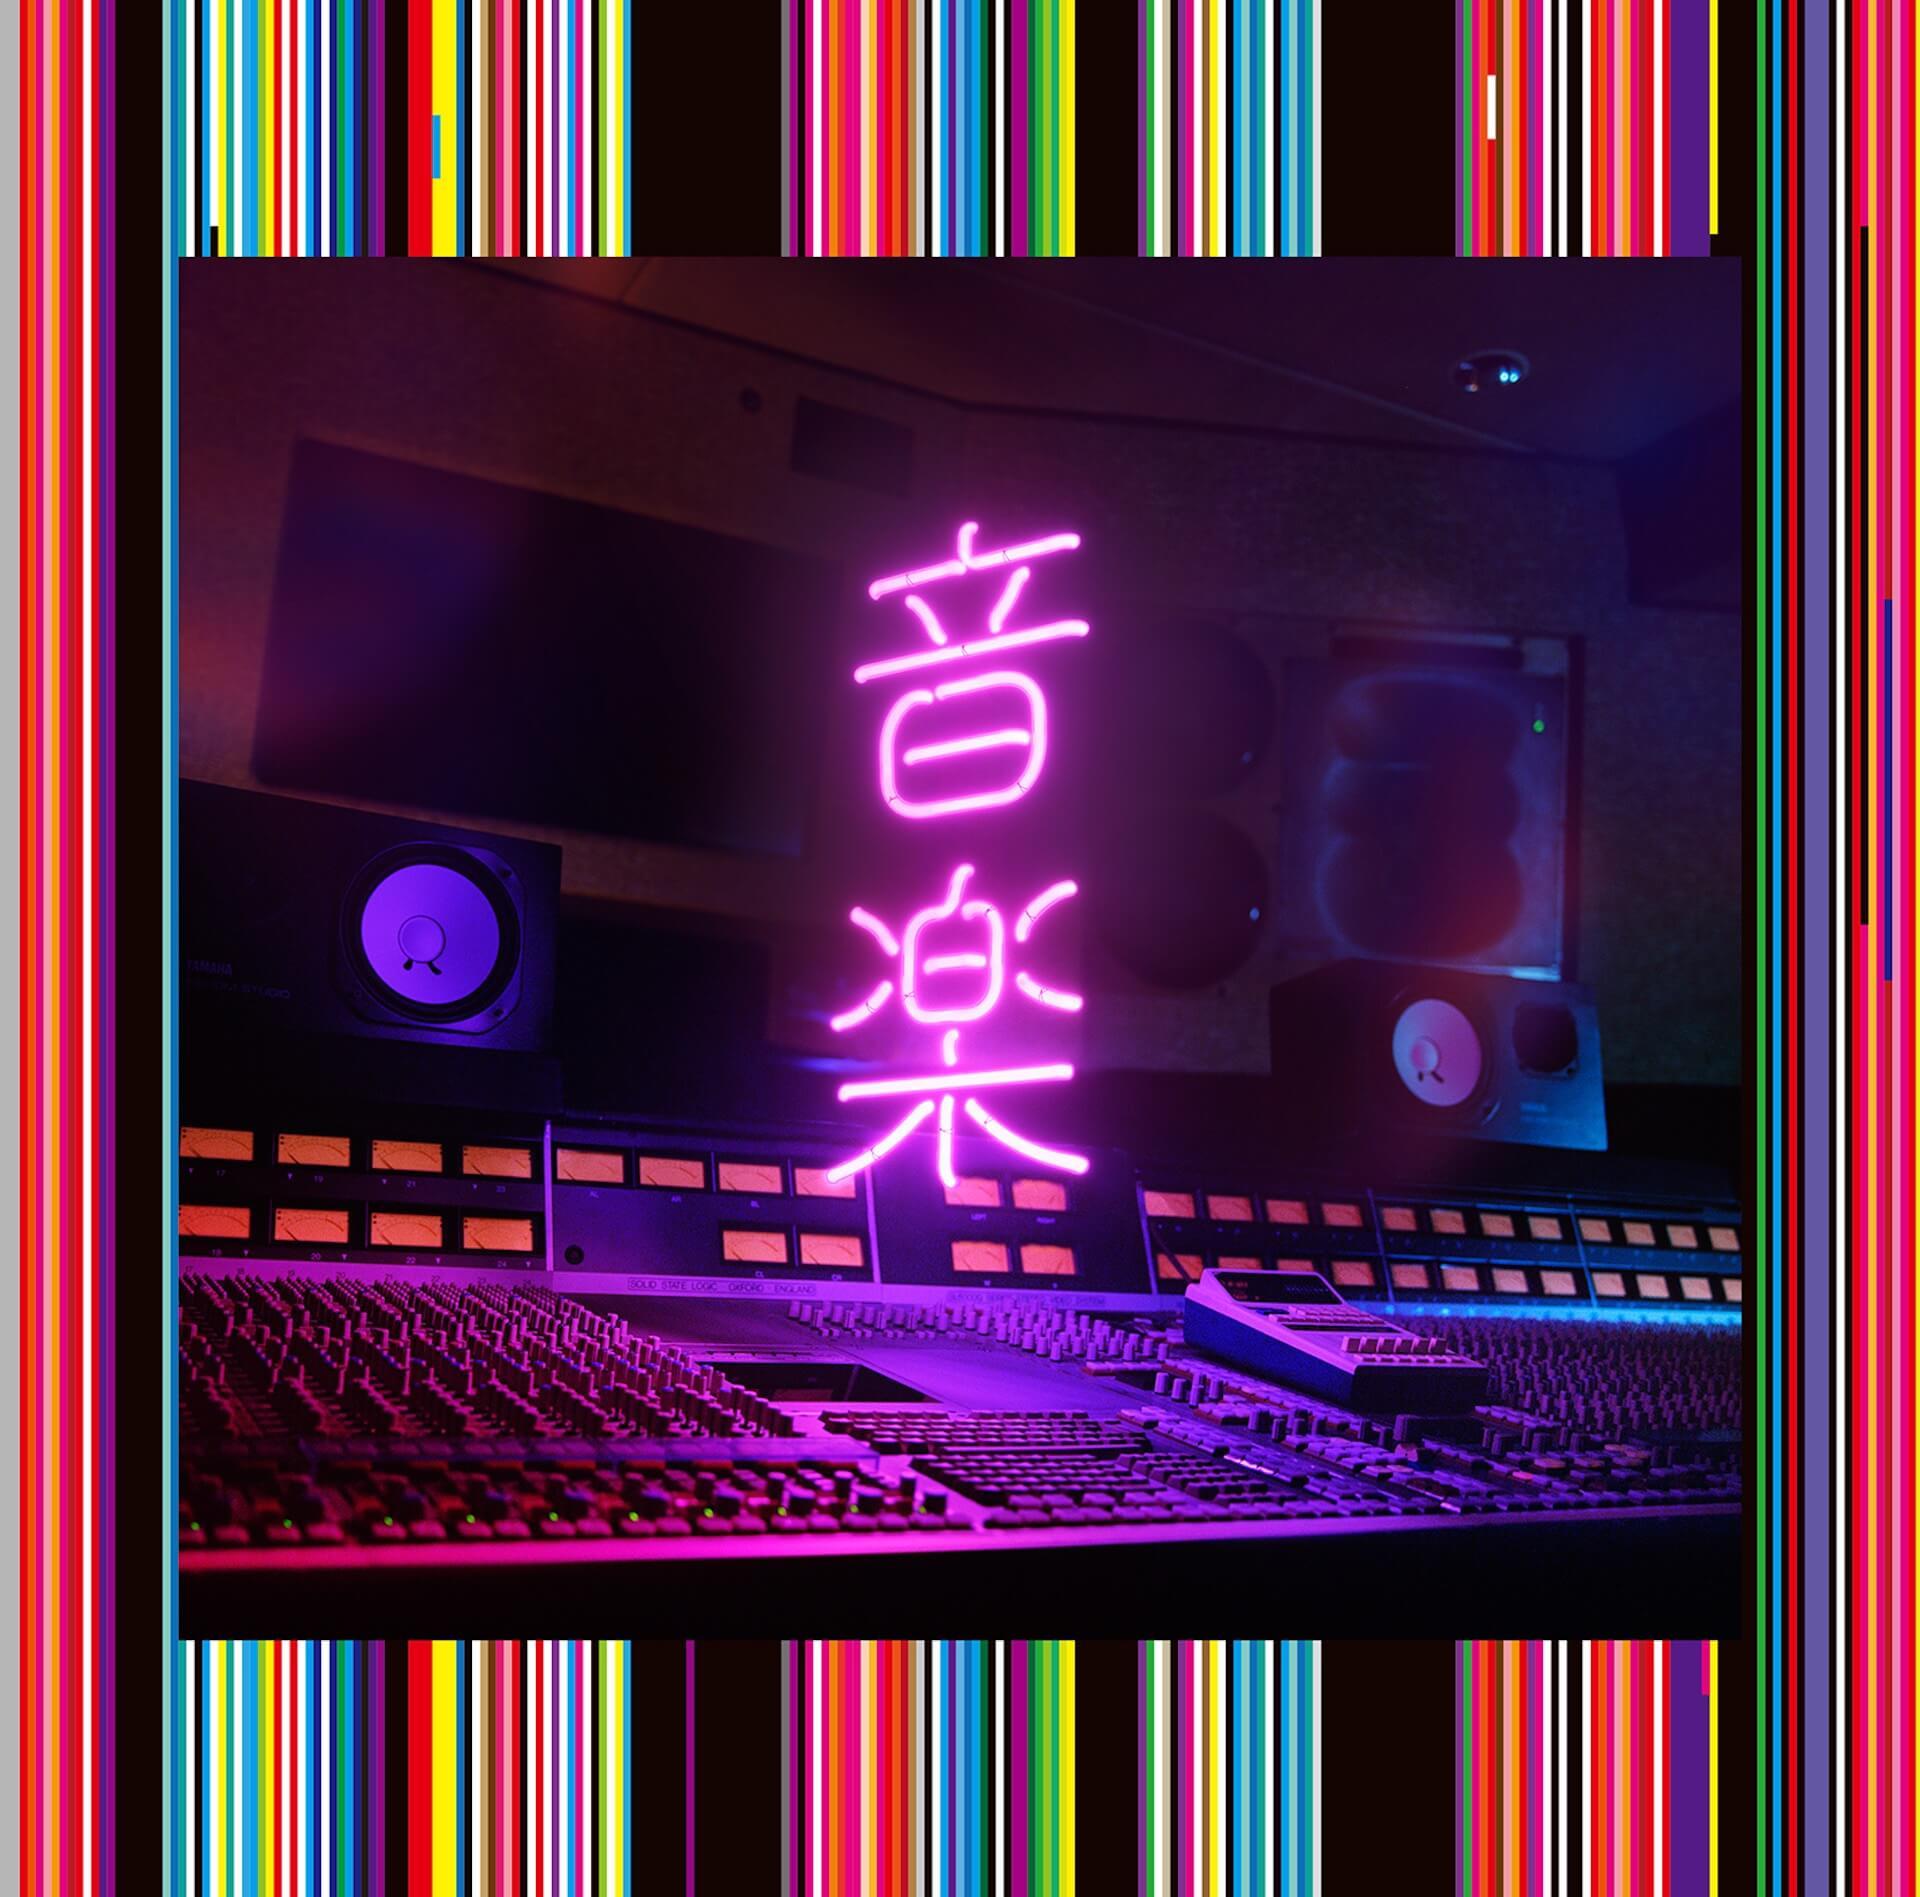 東京事変YouTubeチャンネル特別企画第3弾『東京事変の花金ナイト ぐも散歩』がプレミア公開! music210624_tokyozihen2